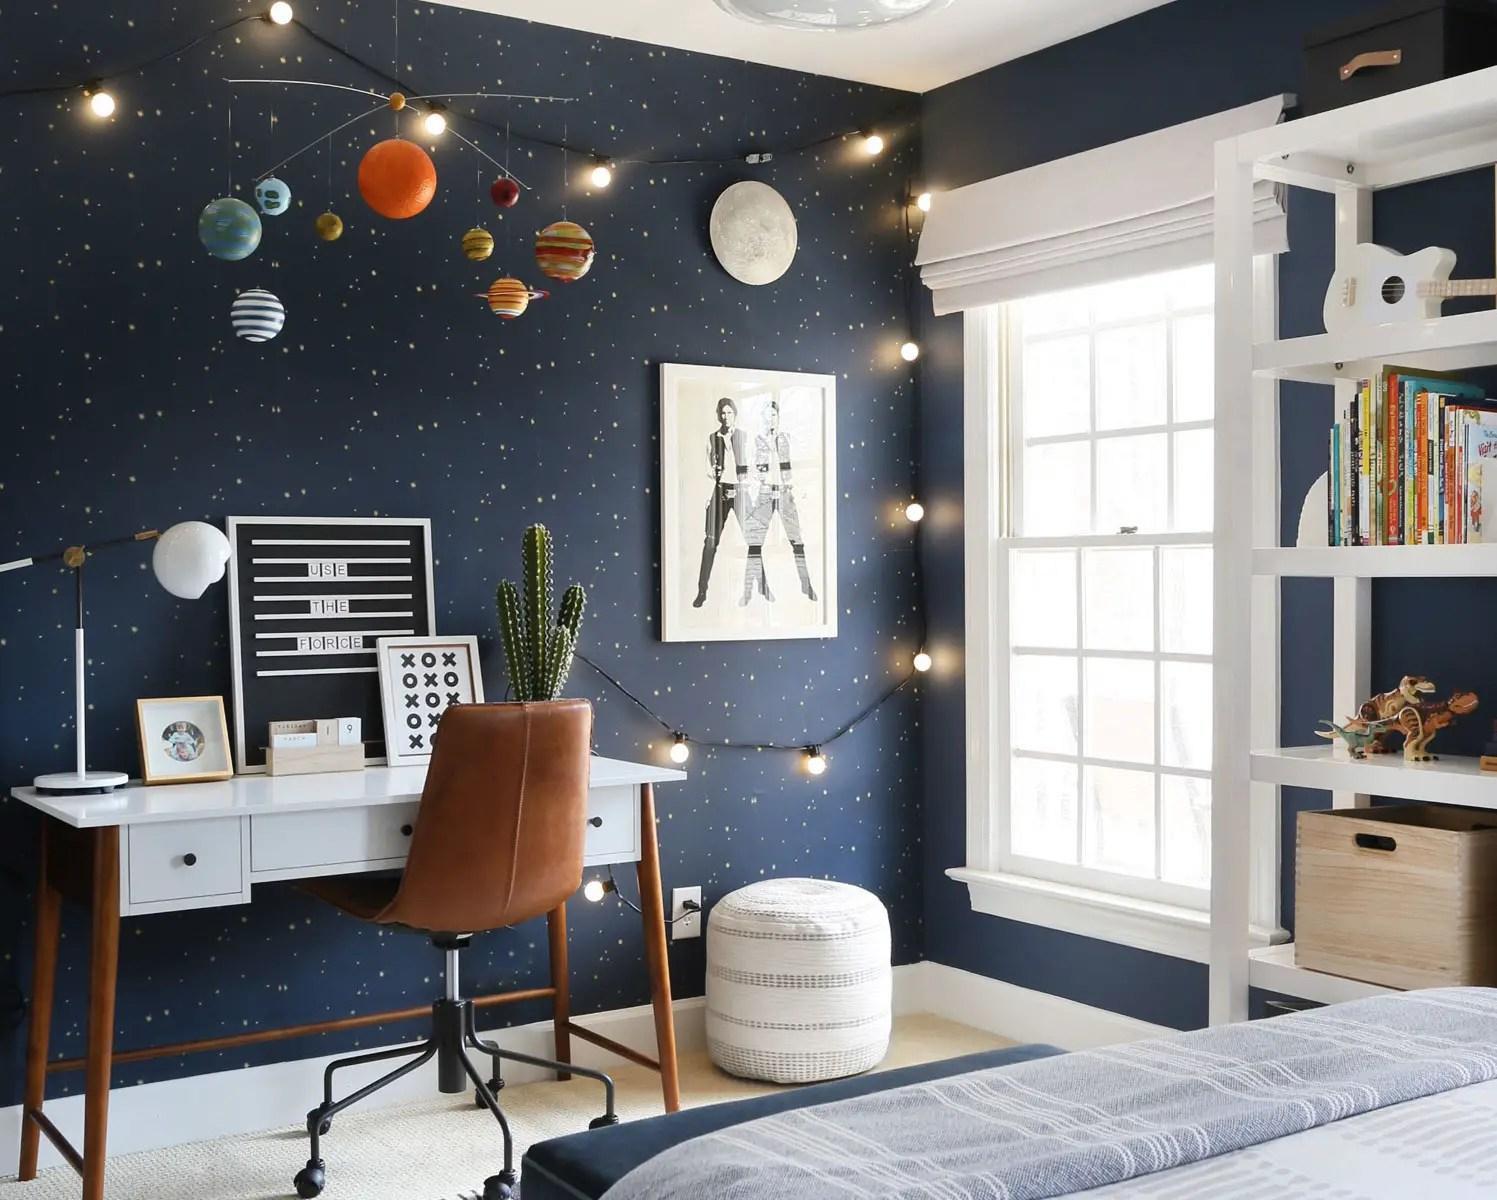 Une chambre d'enfant inspirée par l'espace   PLANETE DECO a homes ...